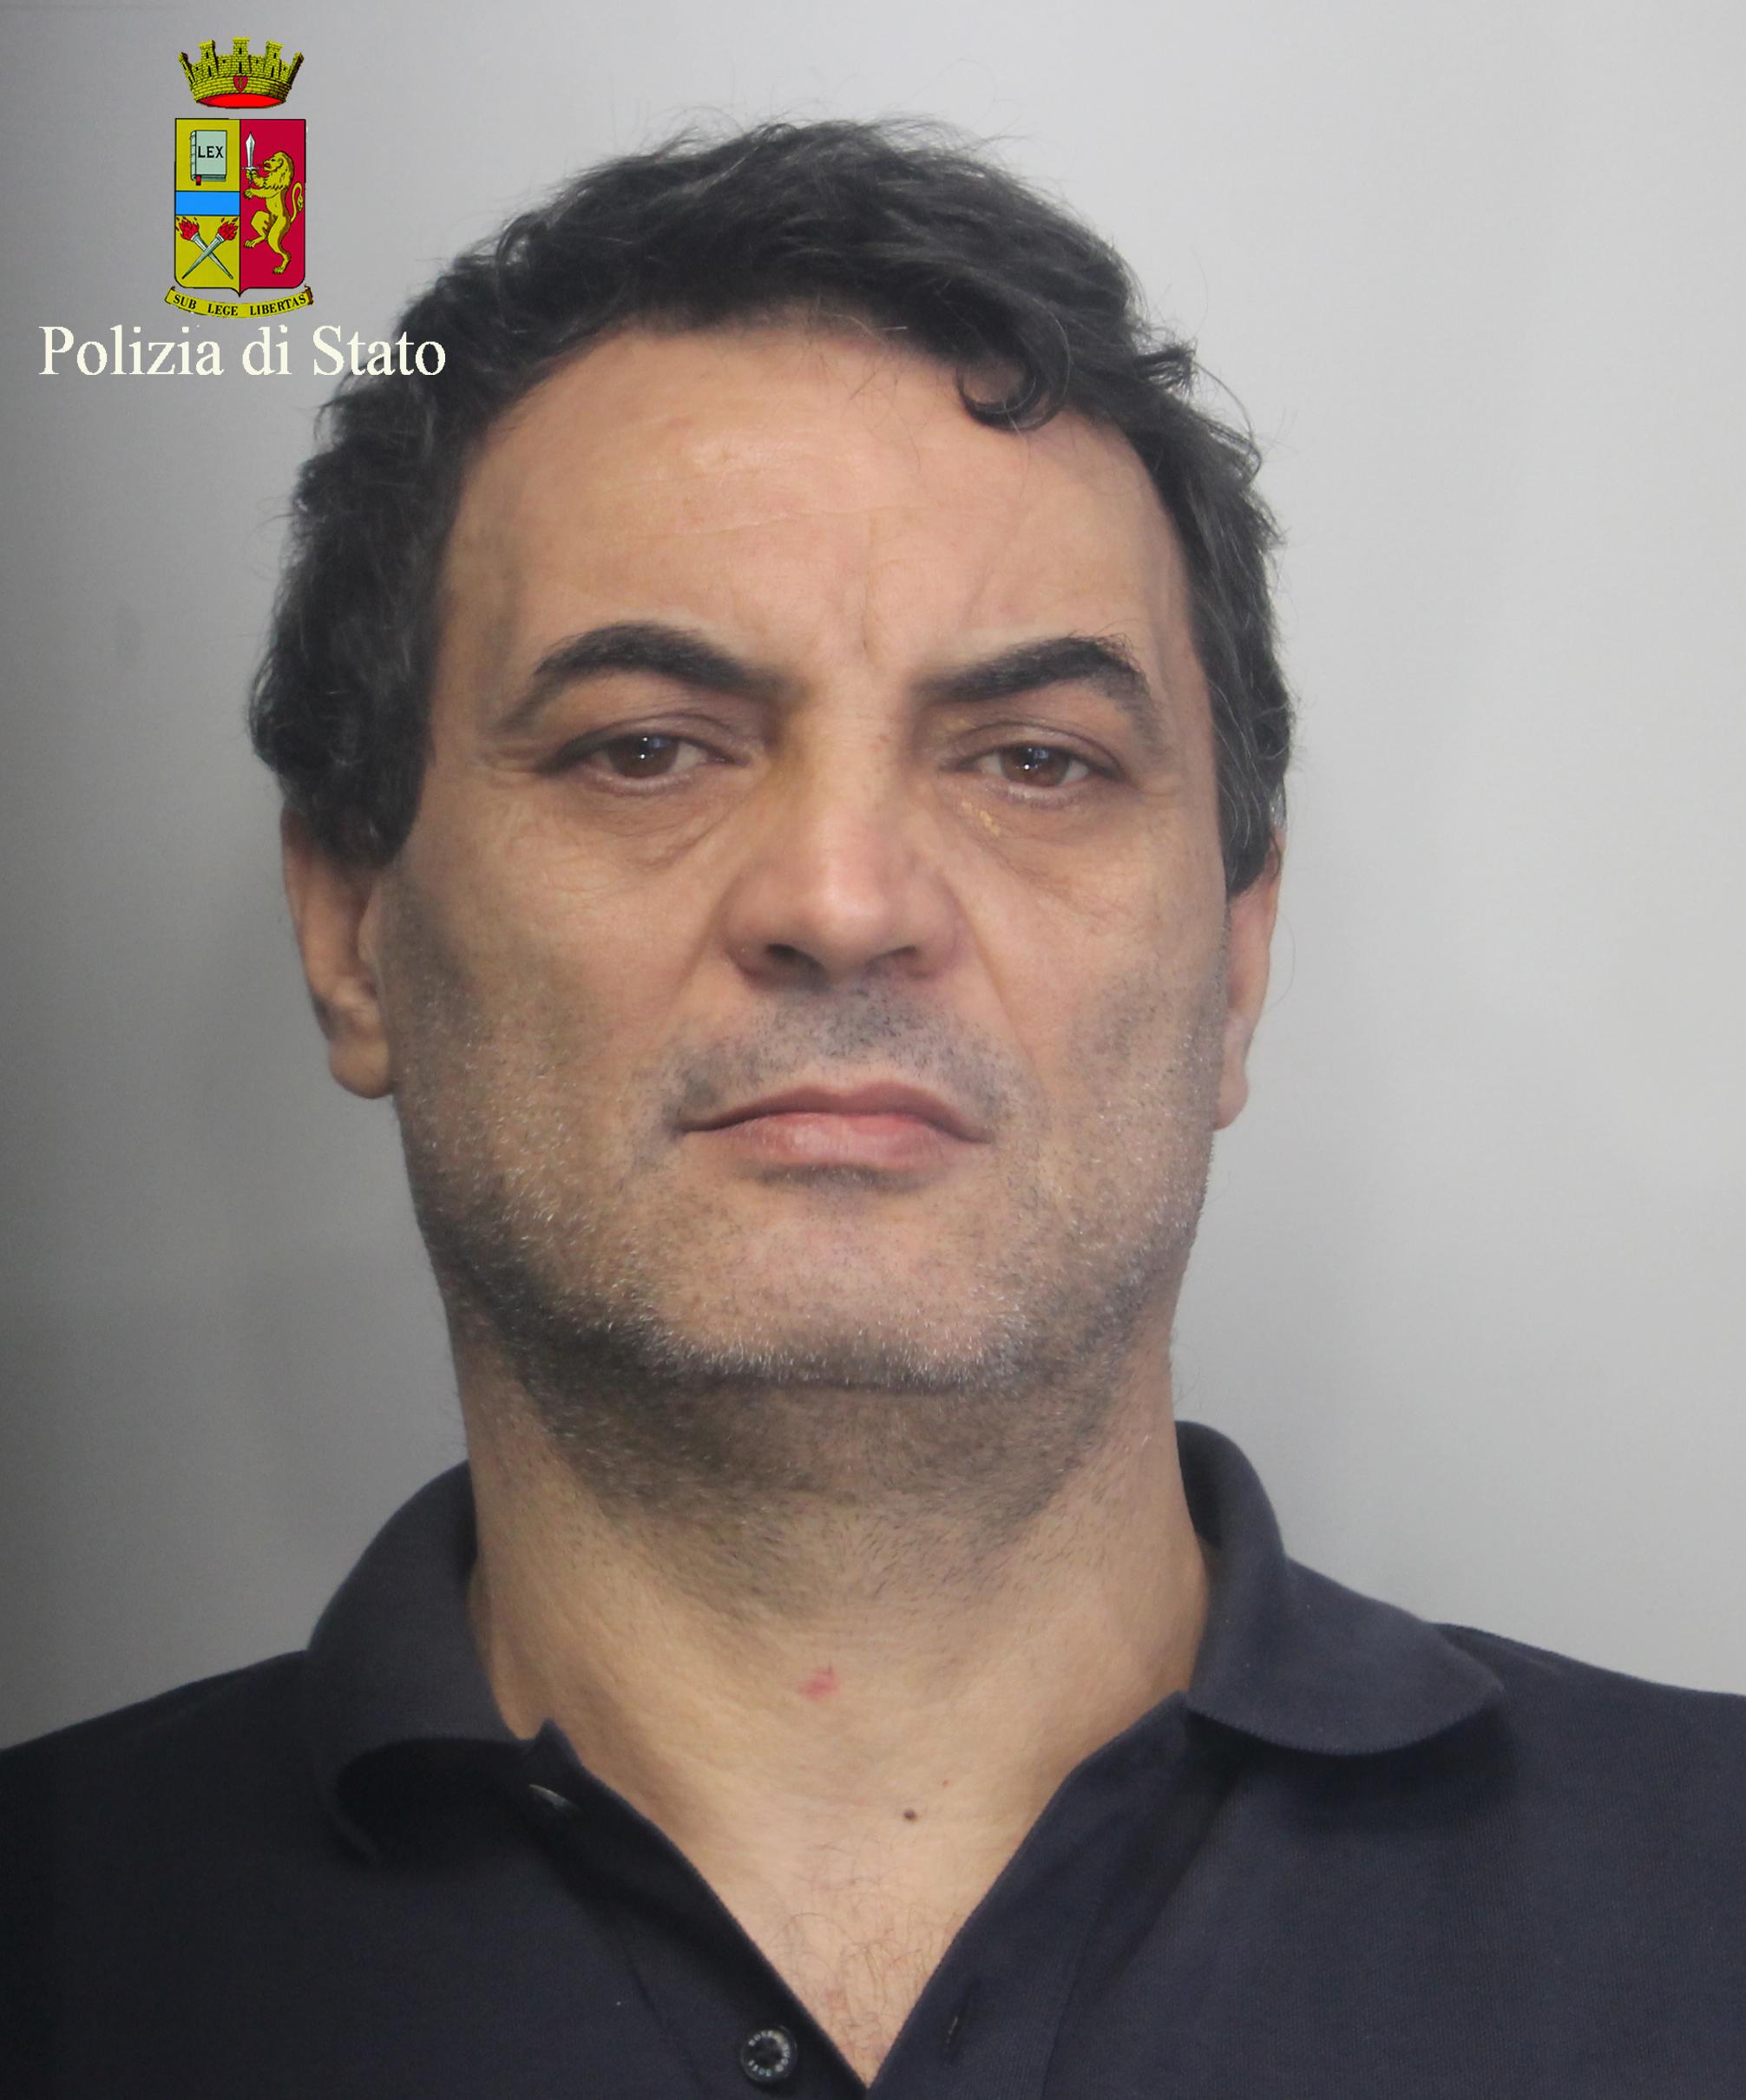 Antonio Pelle, il boss protagonista della faida di San Luca